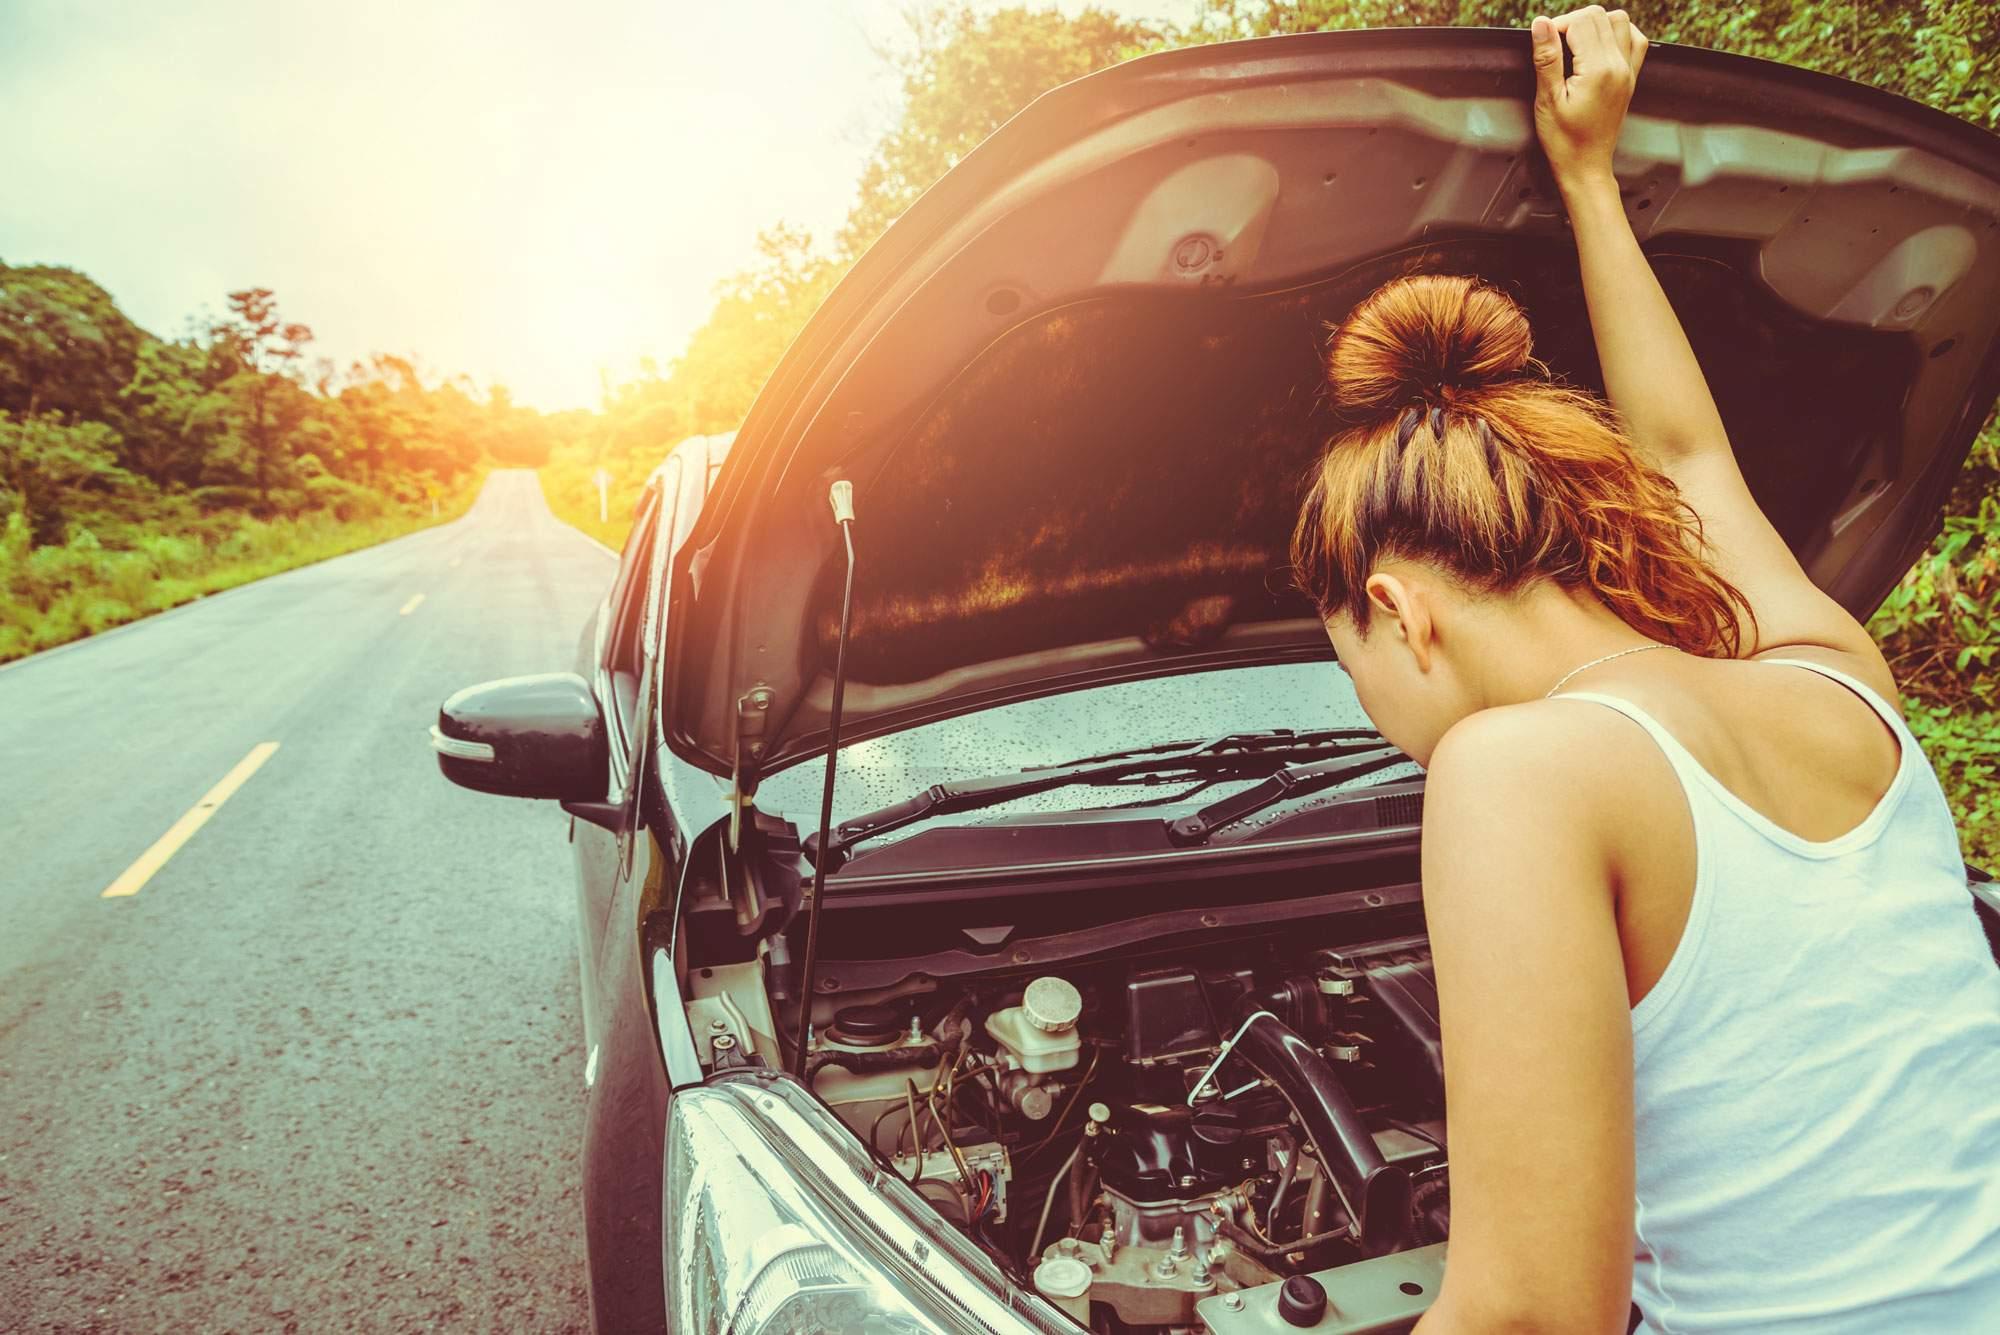 roadside-repair-kit-road-trip